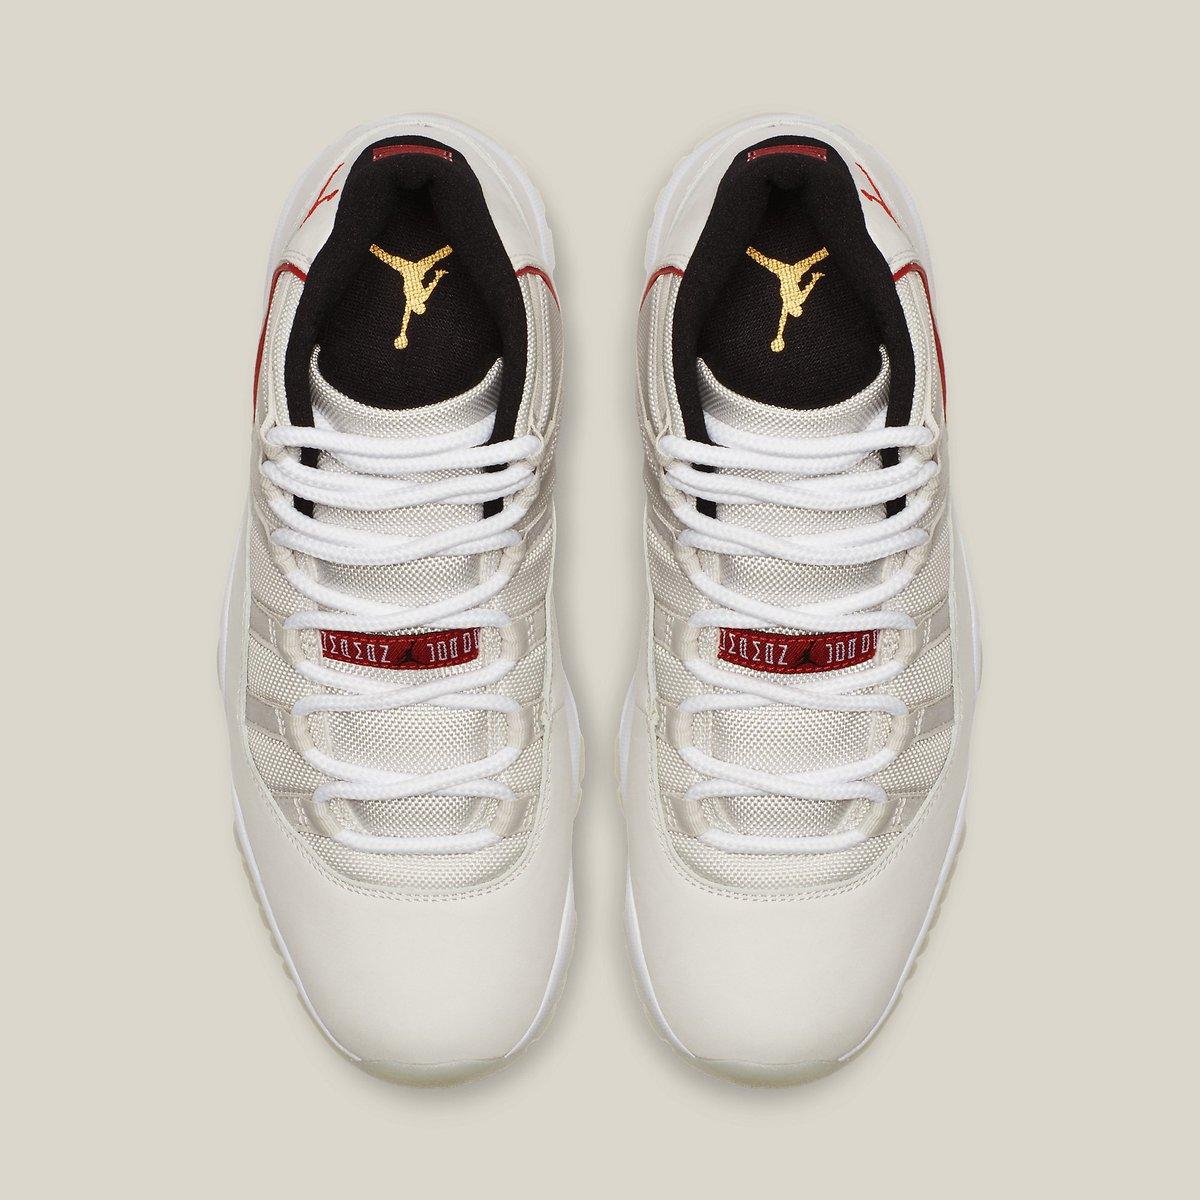 9734fe0f1396 Air Jordan 11 Retro